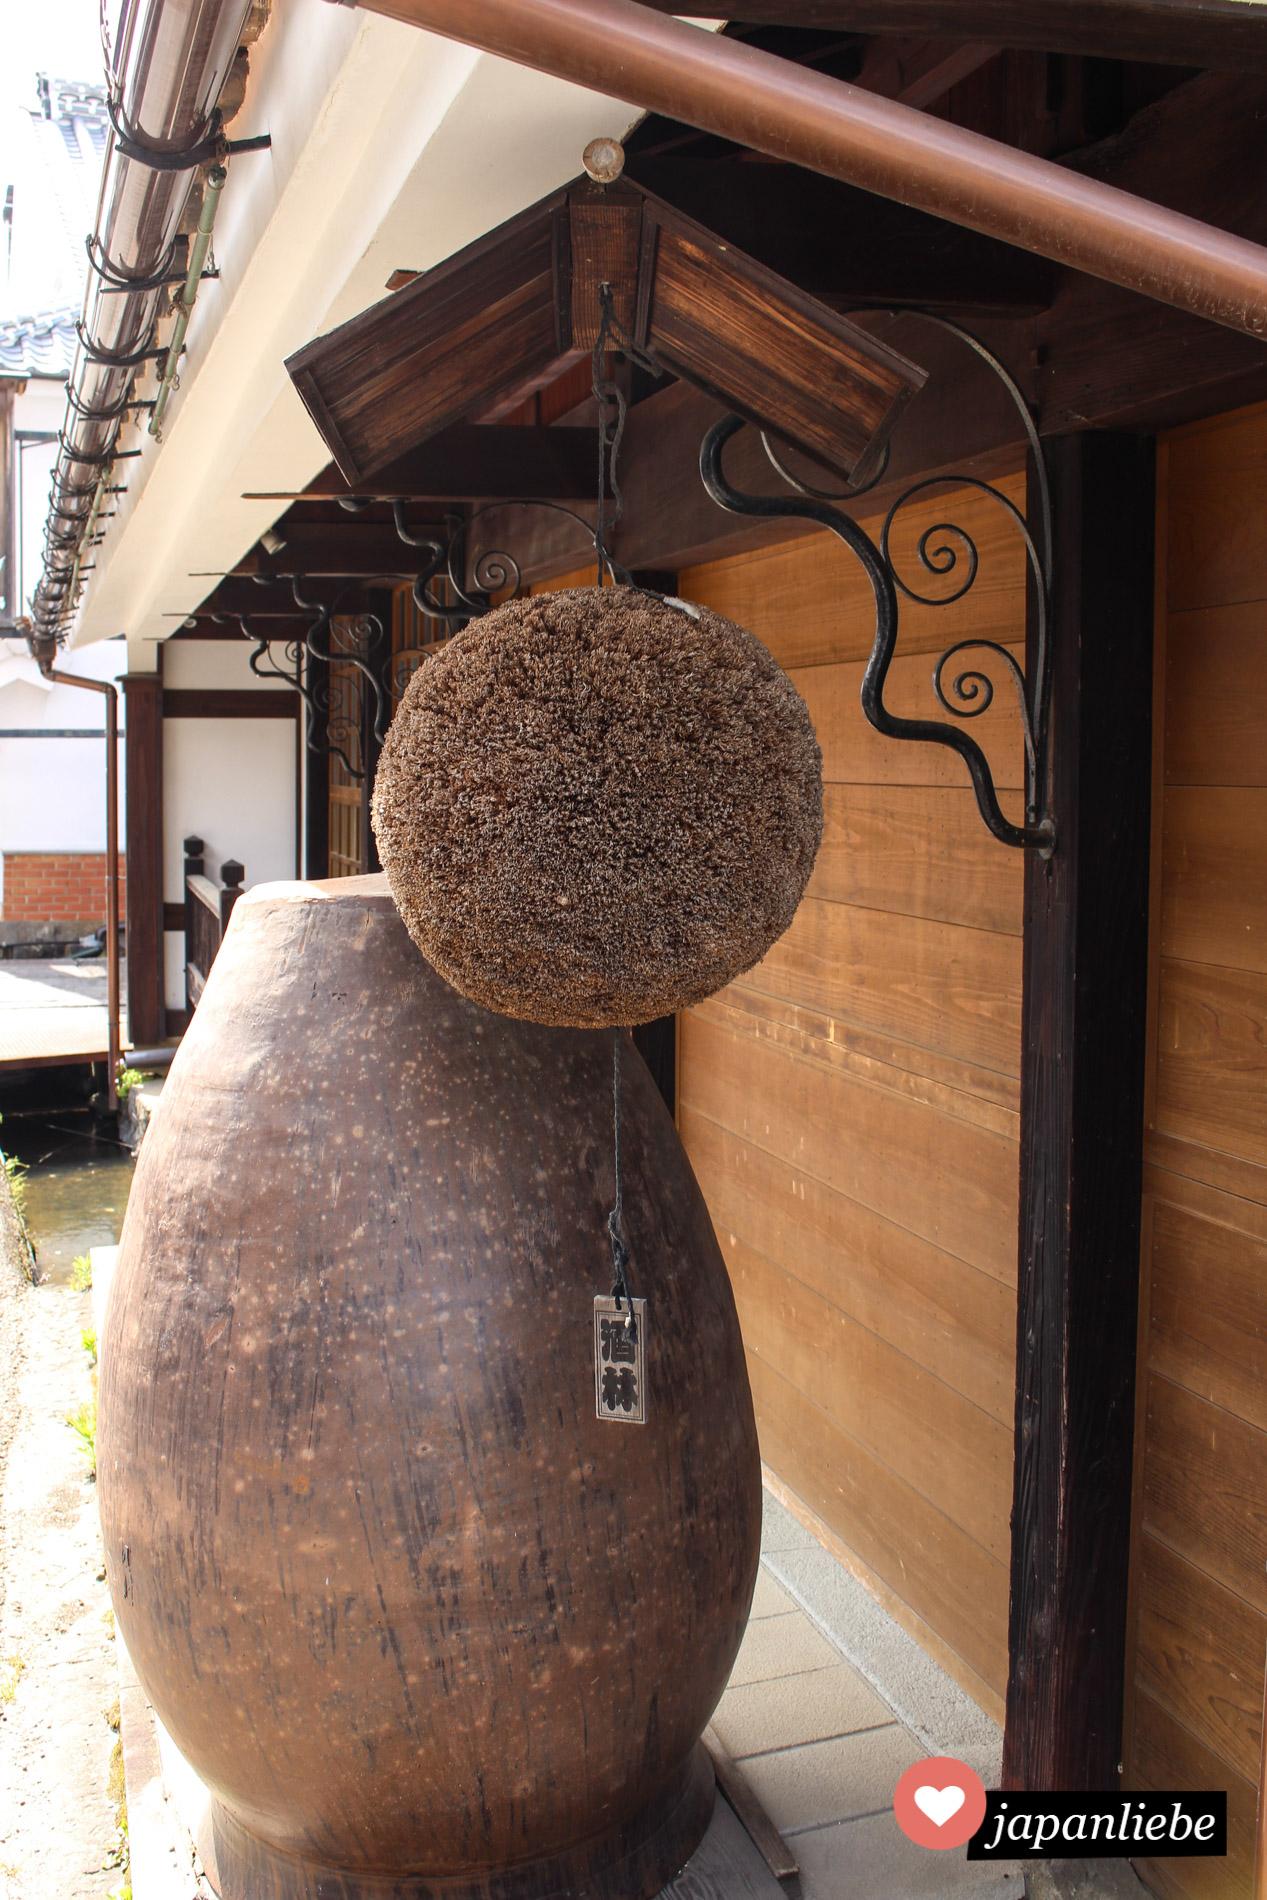 Ein Sugidama, ein Ball aus Zedernzweigen, hängt vor einer Sake-Brauerei in der Stadt Kashima.